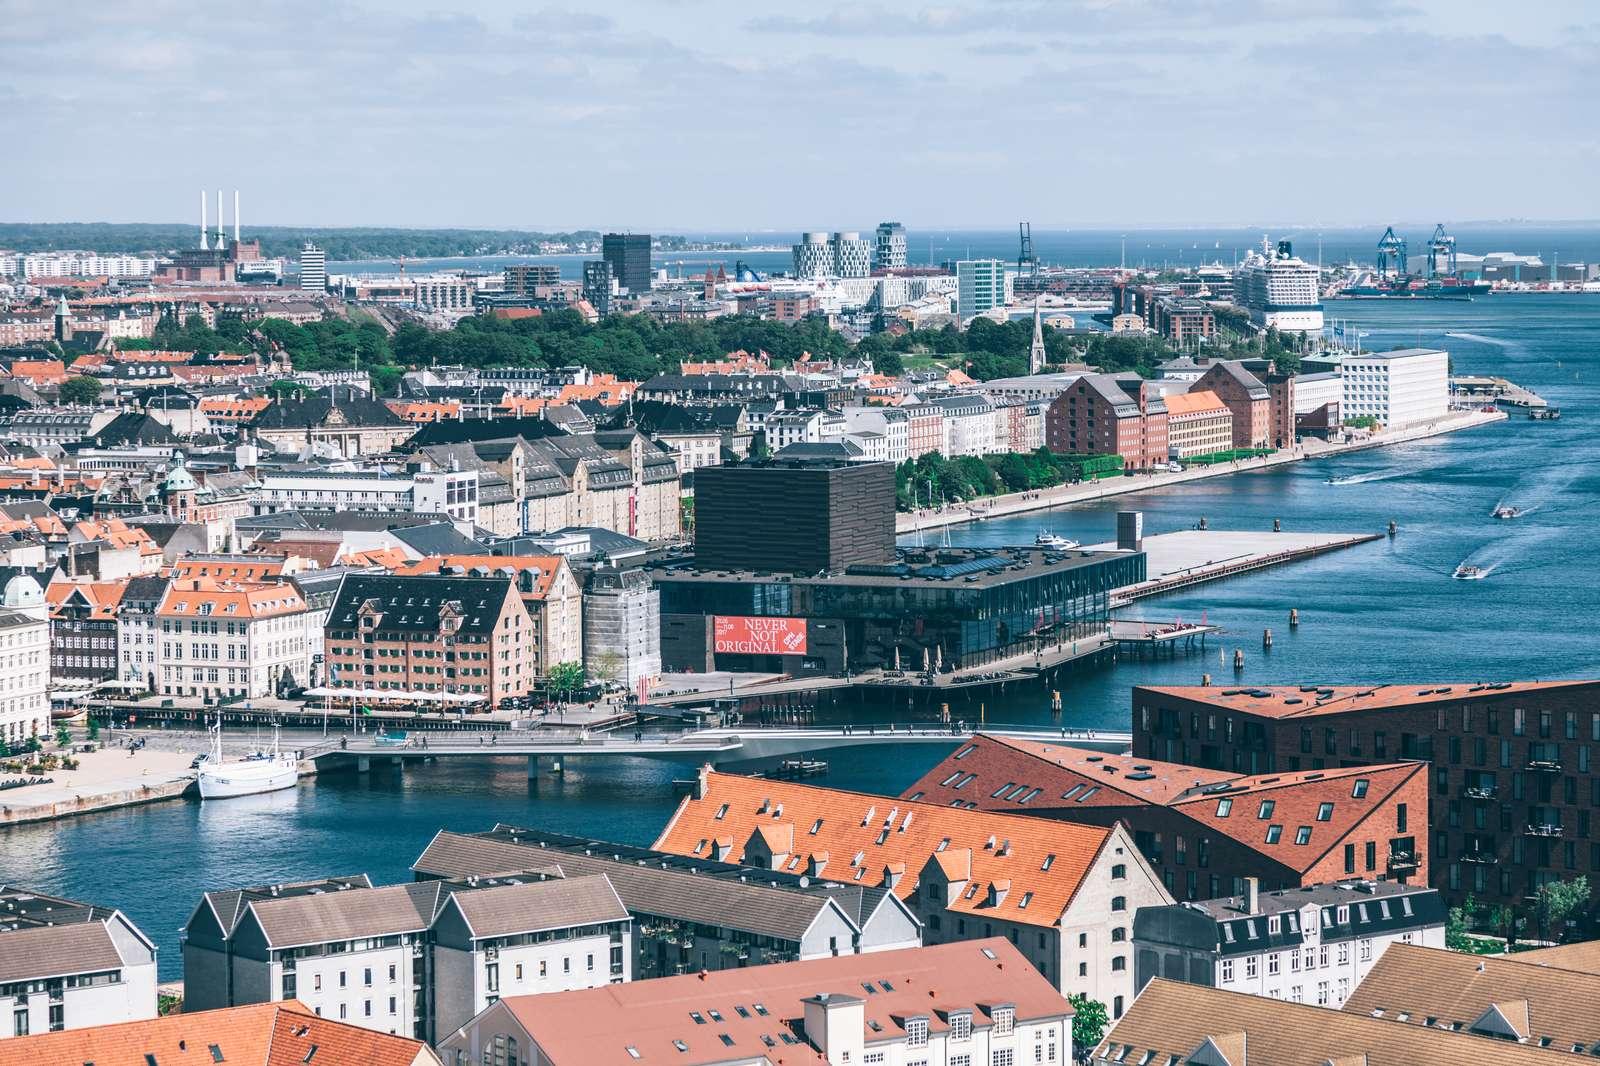 Wonderful Copenhagen og VisitDenmark pumper nu 45 millioner kroner i øget markedsføring af København som rejsemål, både for danske og udenlandske turister. Arkivpressefoto fra Wonderful Copenhagen.